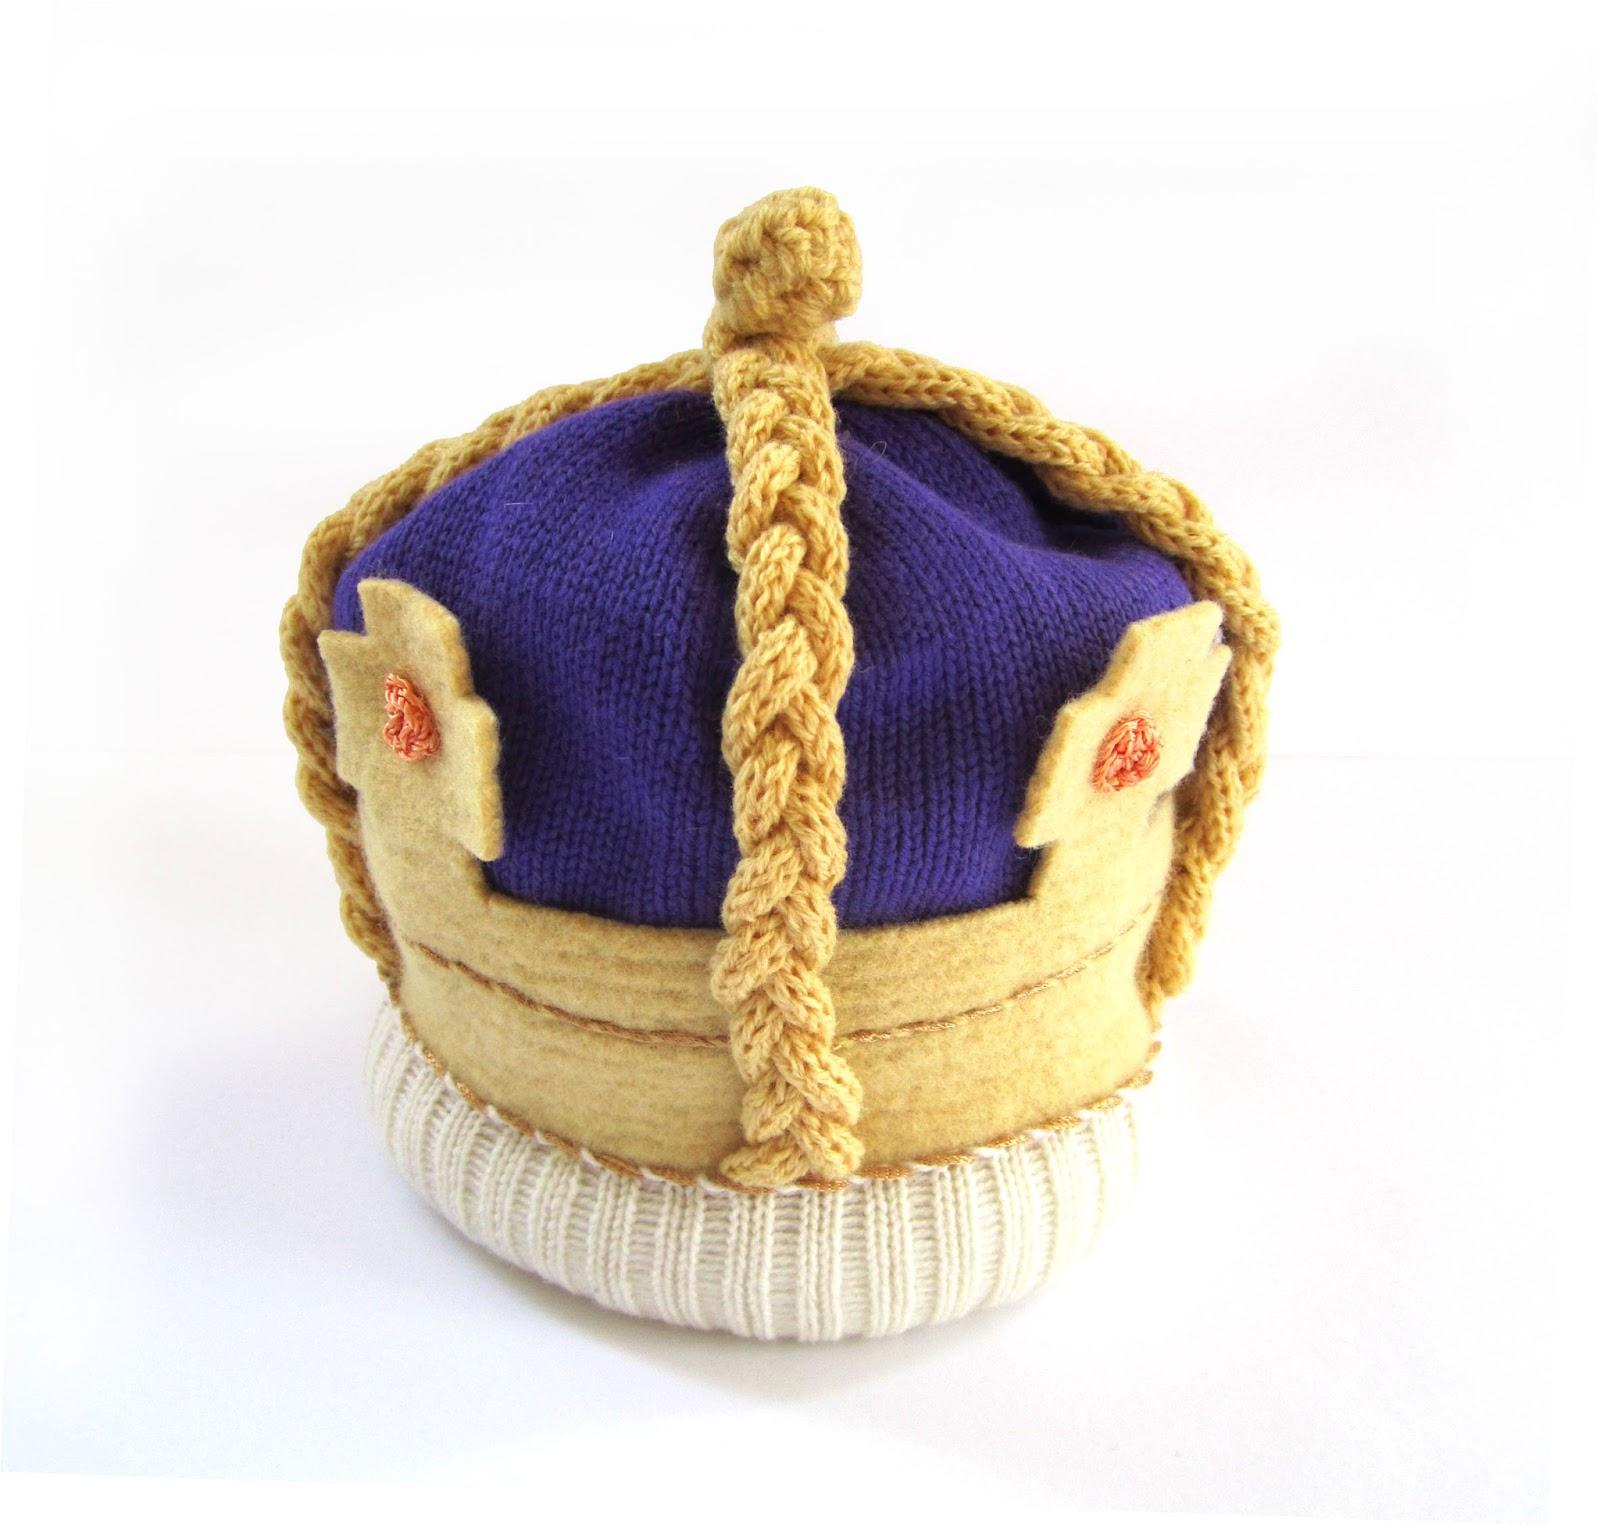 The Miniature Knit Shop